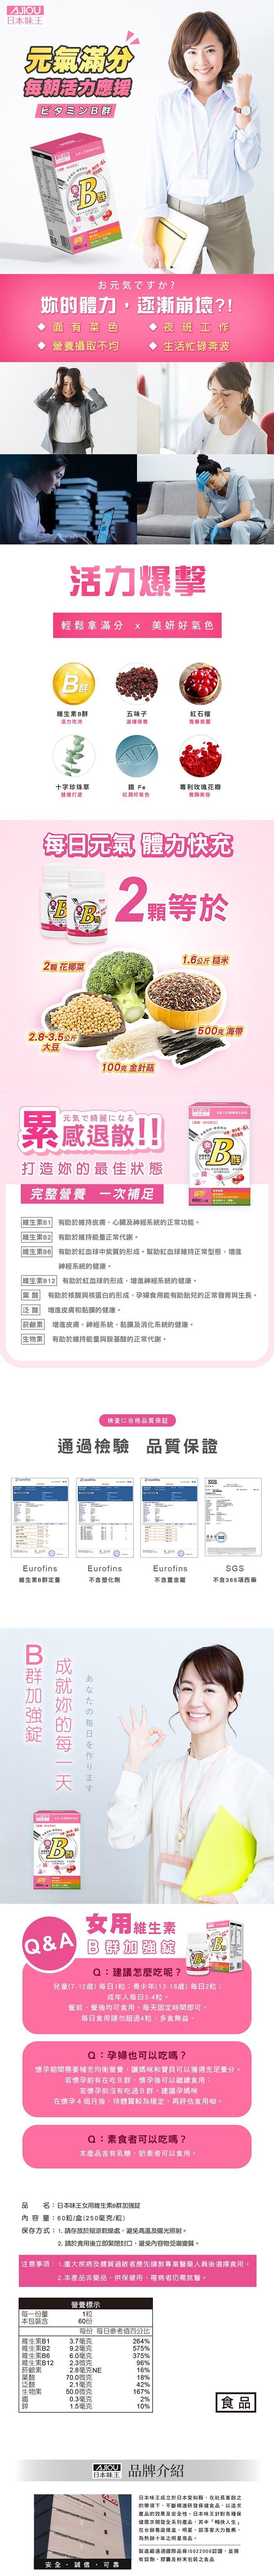 日本味王-女用維生素B群加強錠(60粒)產品資訊